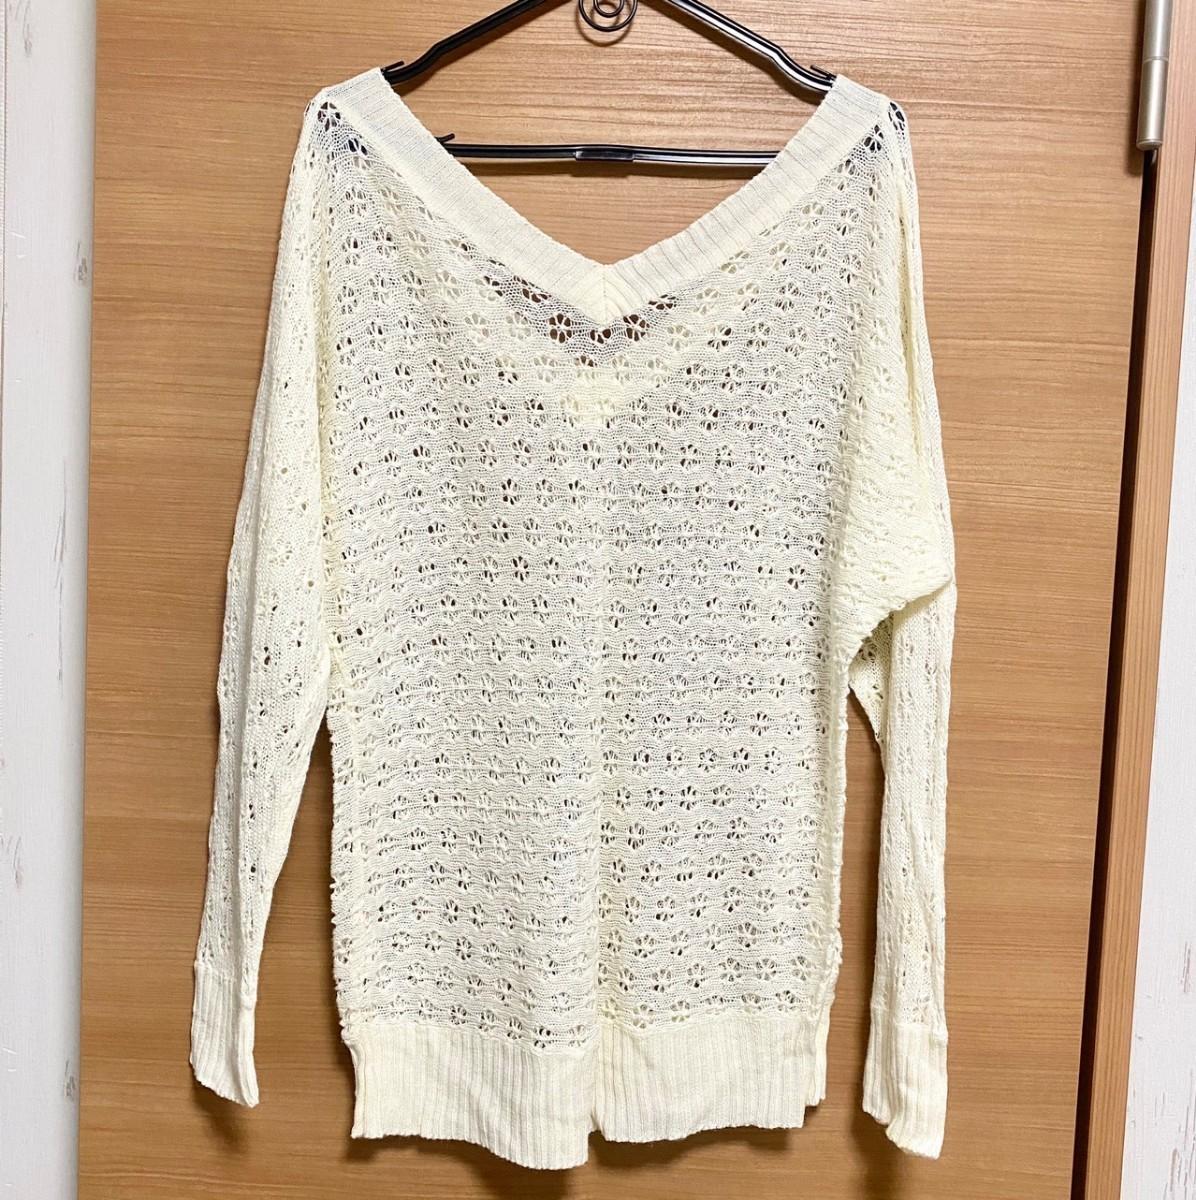 トップス カットソー 長袖 かぎ編み 透け感 シースルー M L レディース